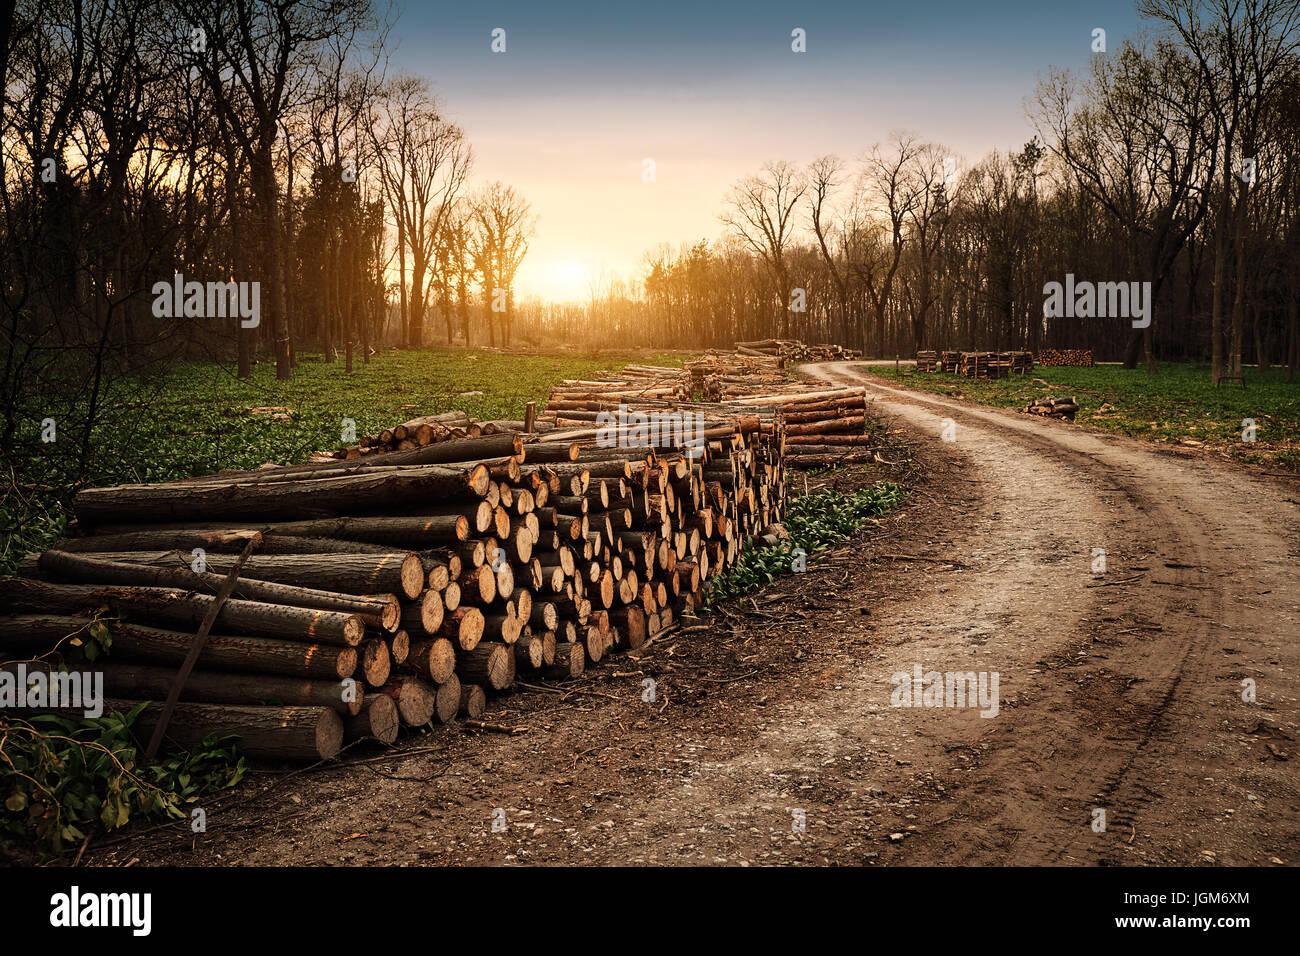 Industria de deforestación Imagen De Stock